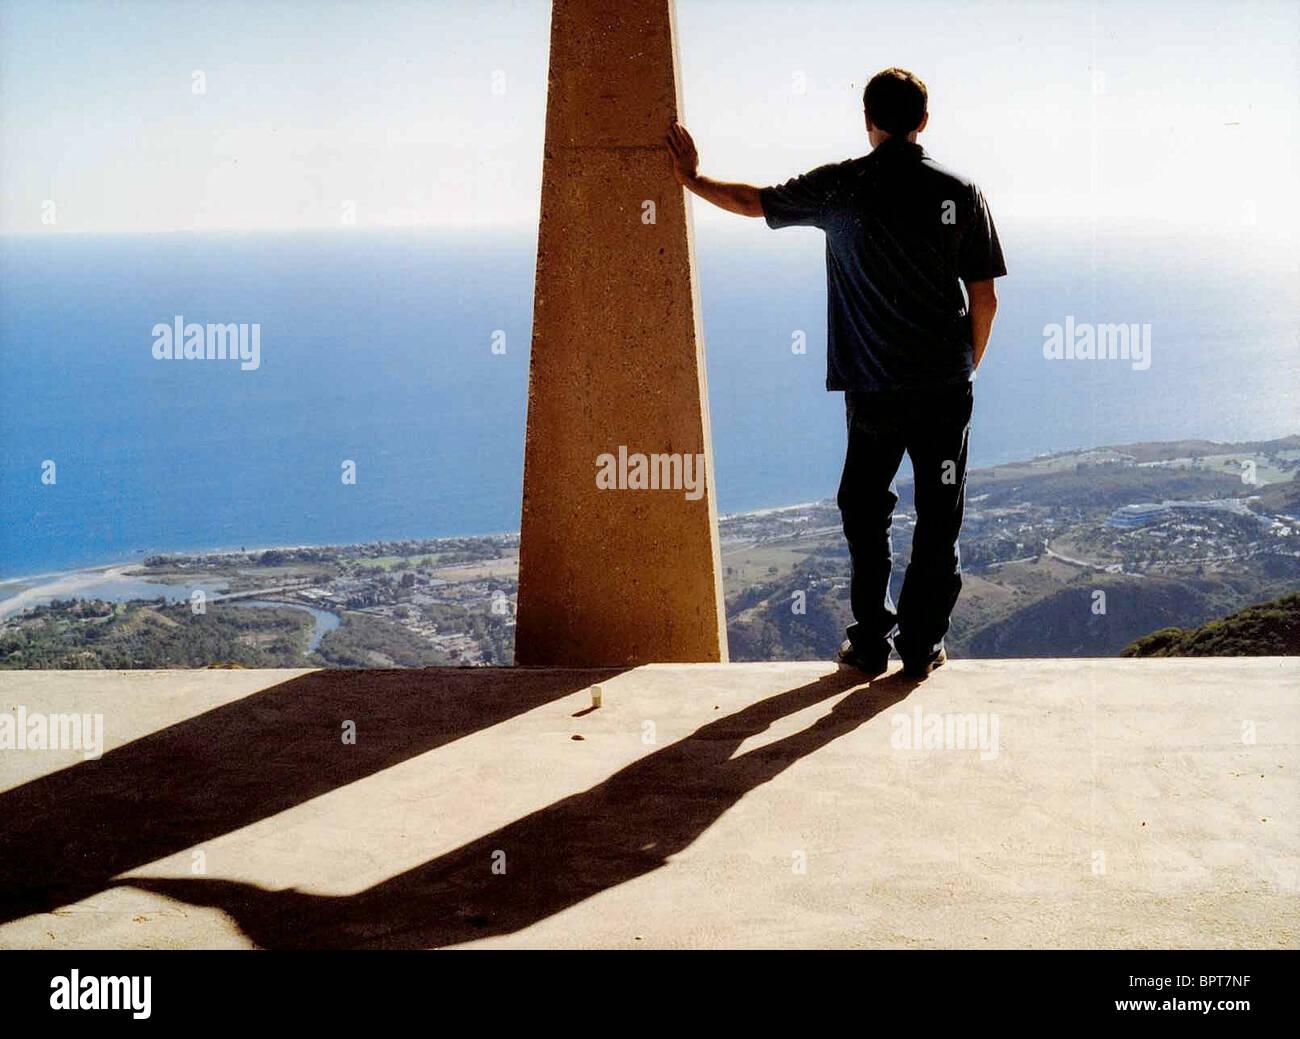 LEONARDO DICAPRIO THE 11TH HOUR (2007) - Stock Image